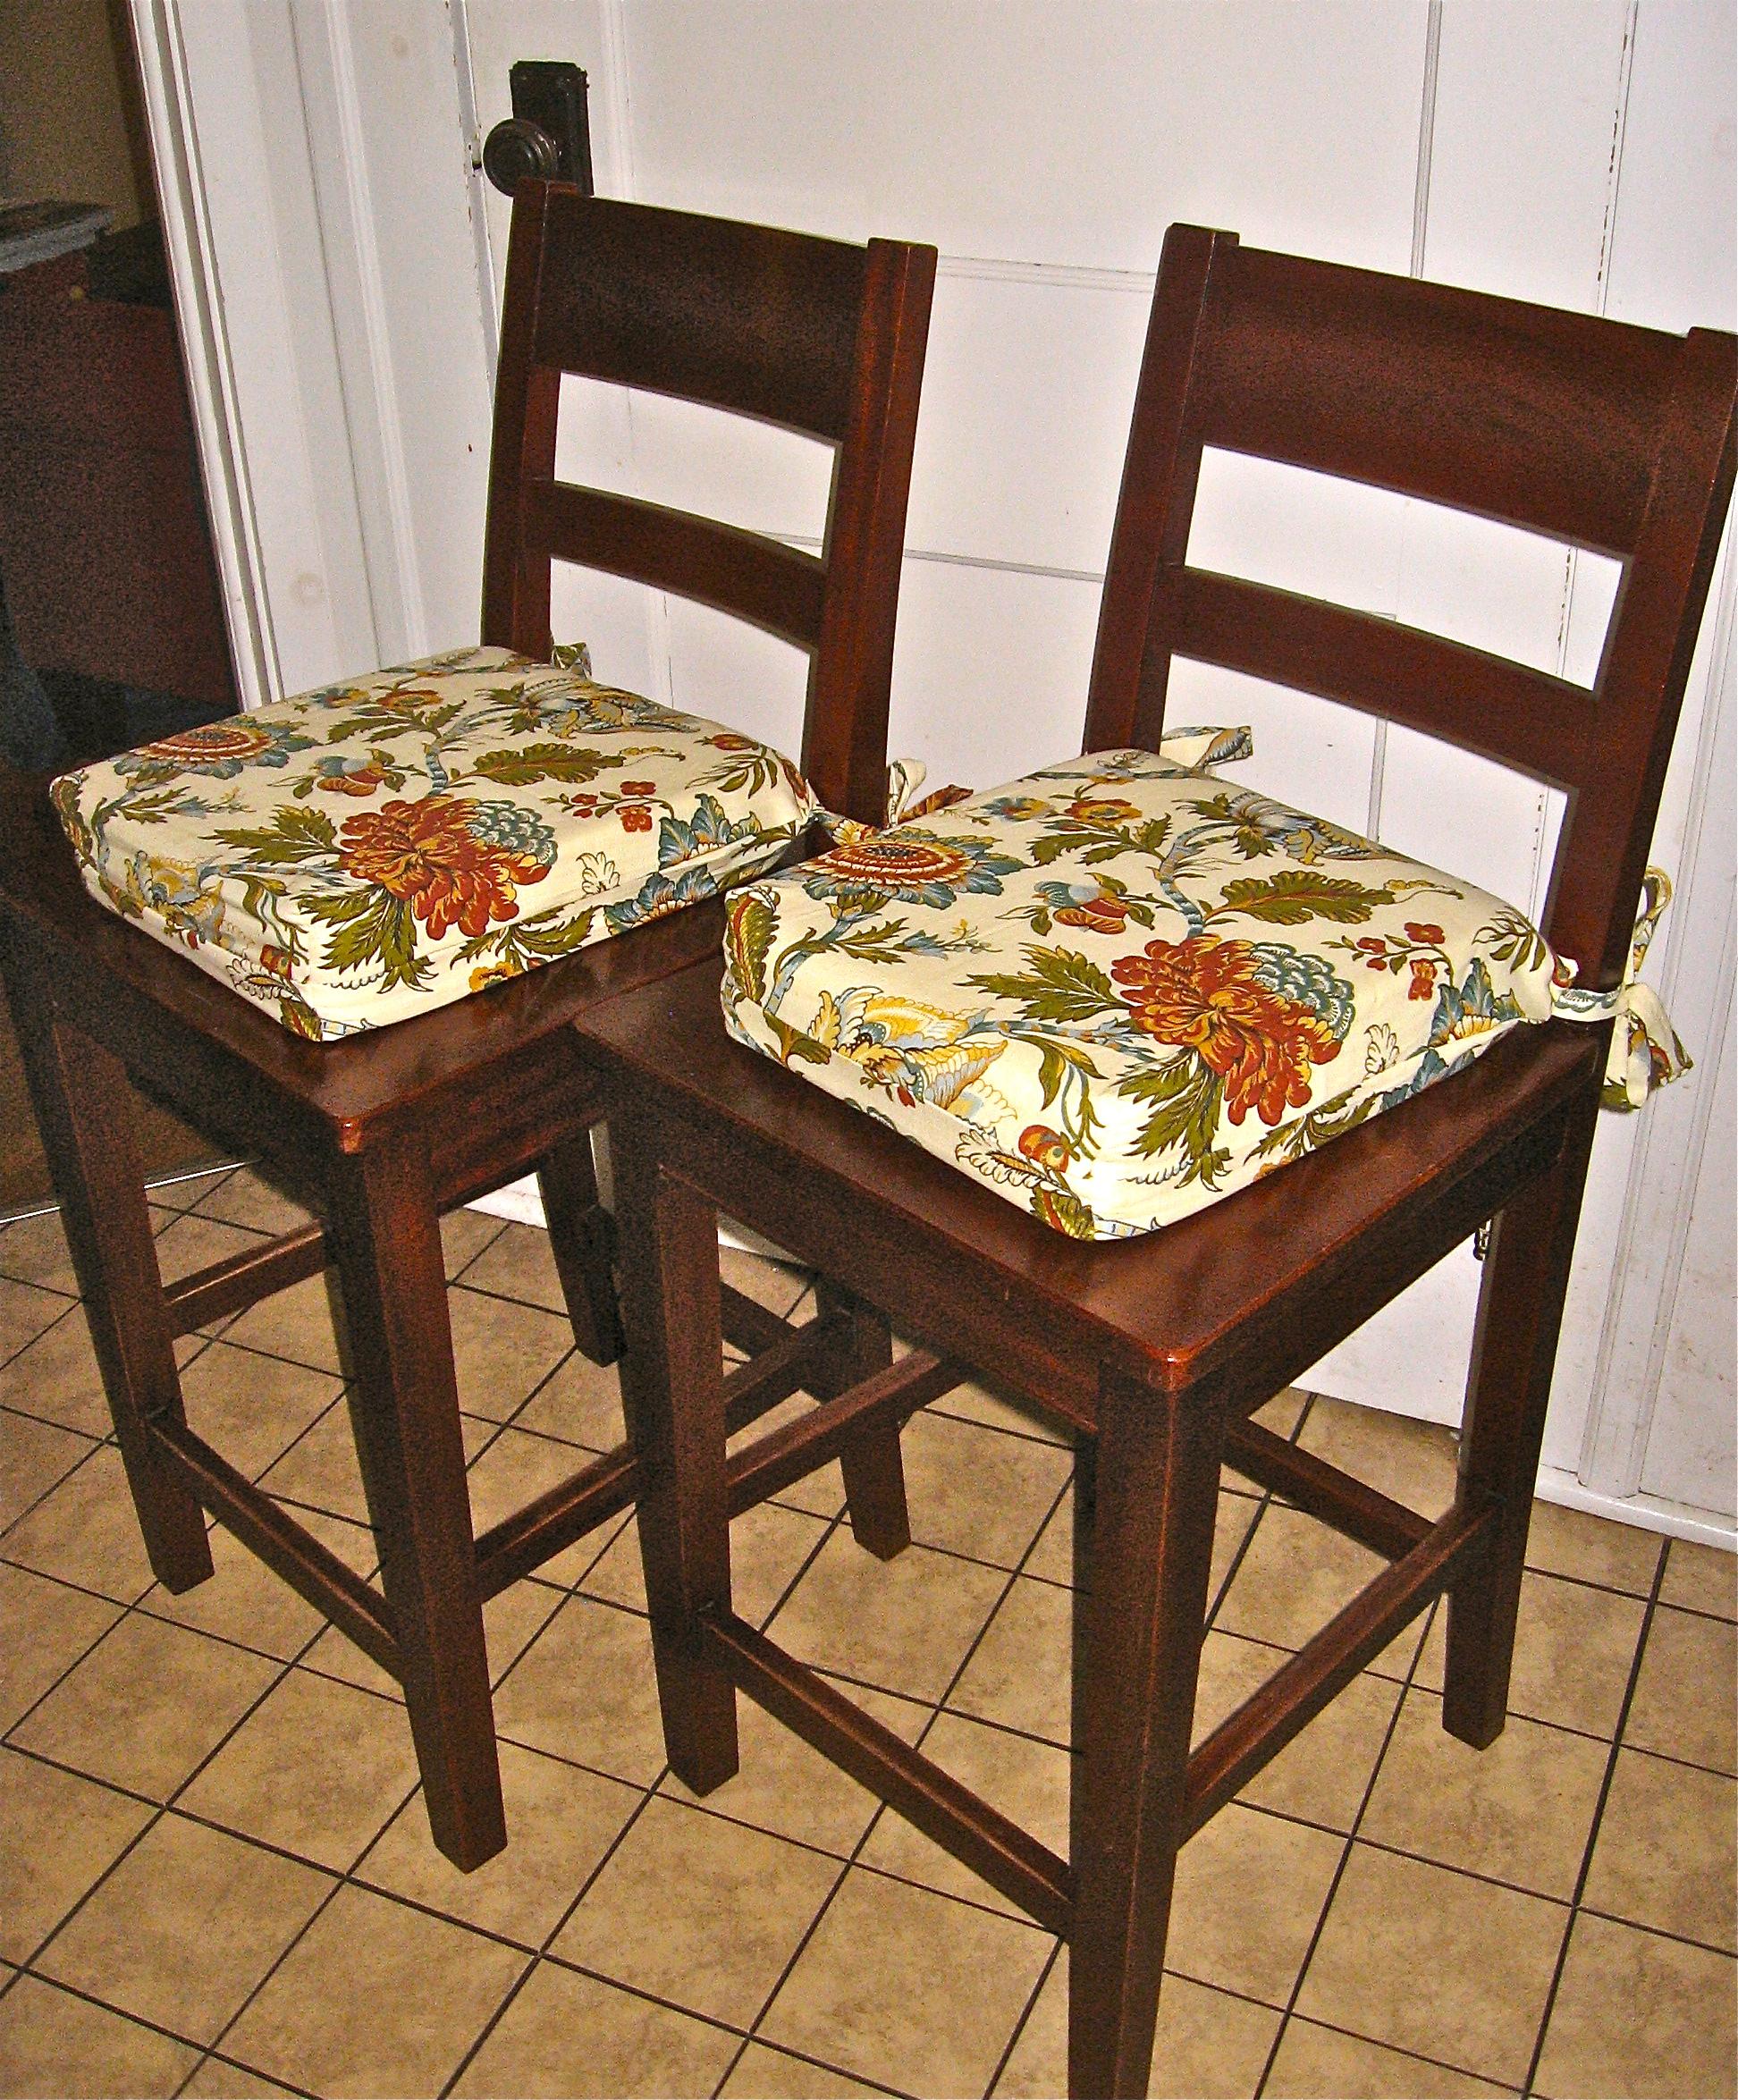 Kitchen Chair Cushion: Kitchen Chair Cushions